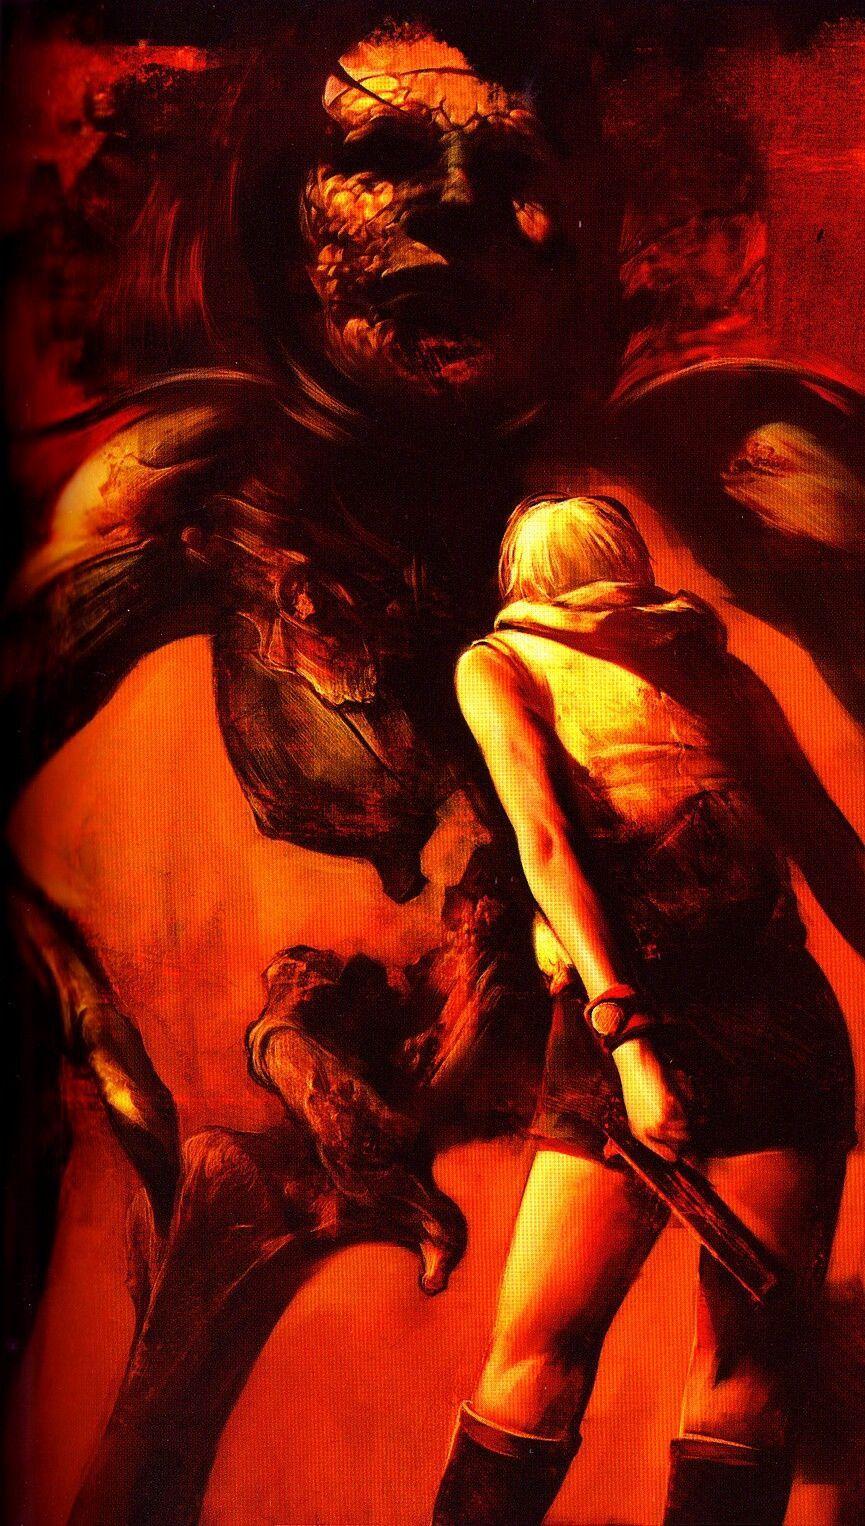 Один из образов Бога в Silent Hill.